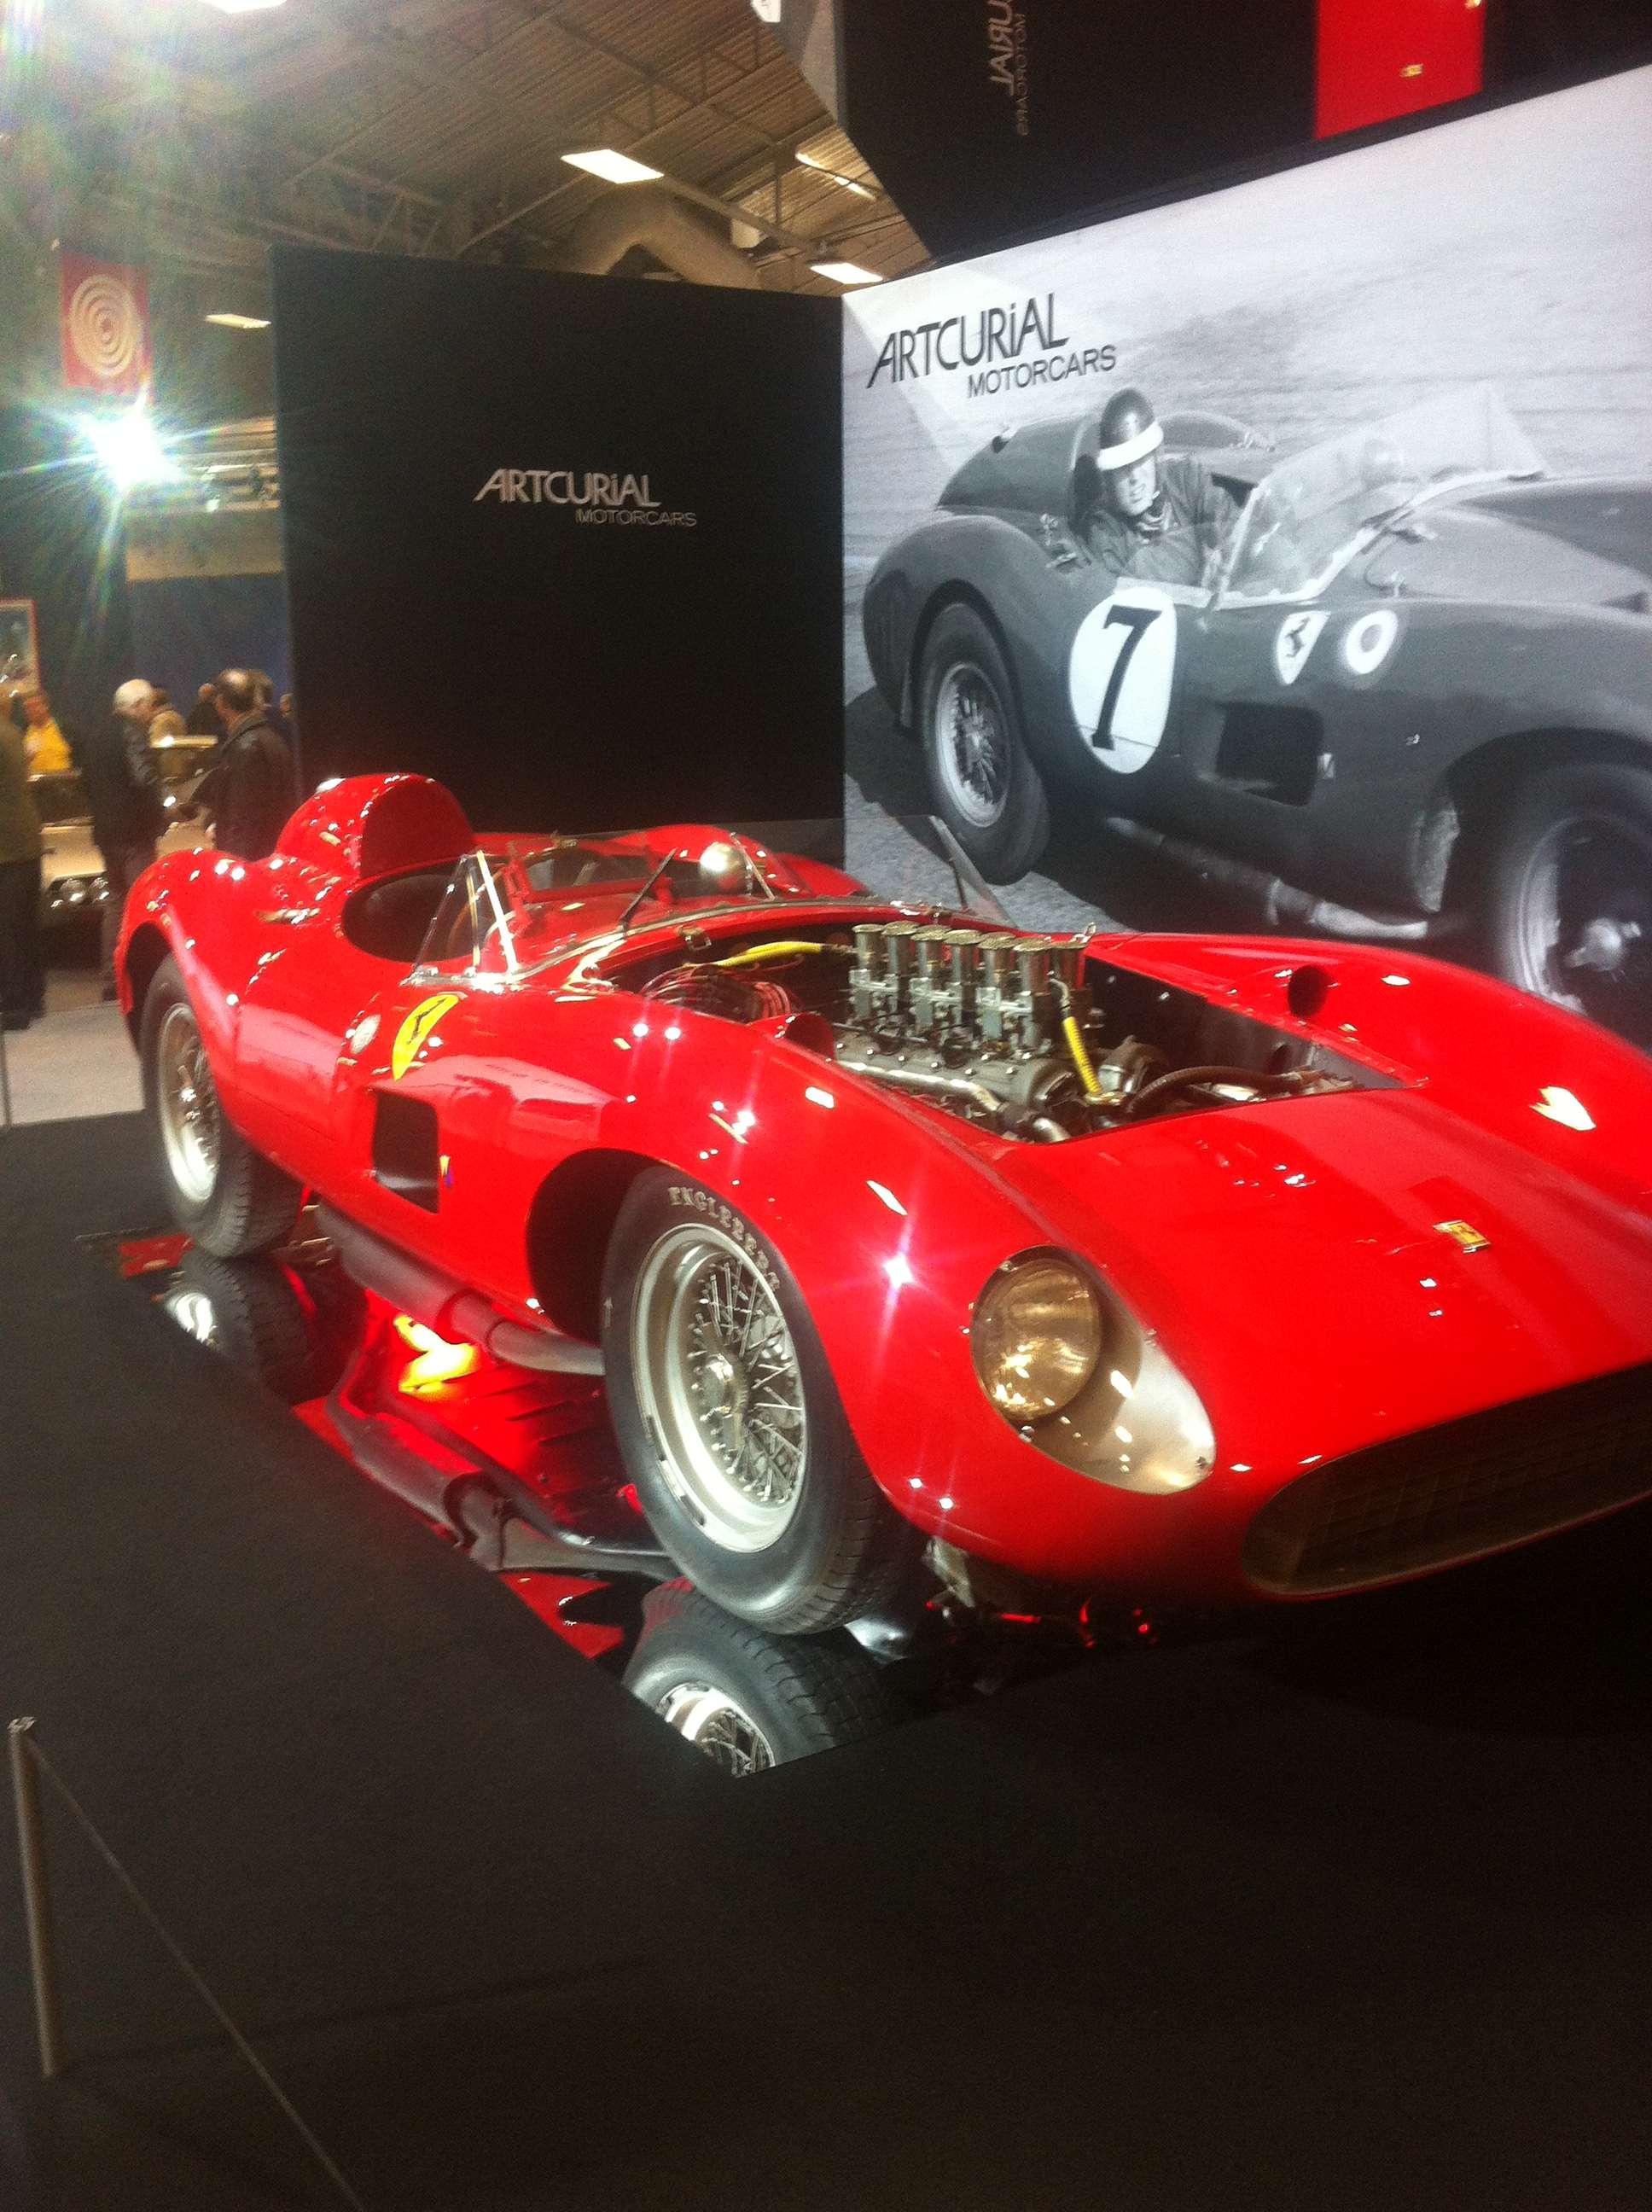 Ferrari 335 S Spider Scaglietti din 1957, scoasà la licitatie si evaluatà între 28 si 32 de milioane de euro!